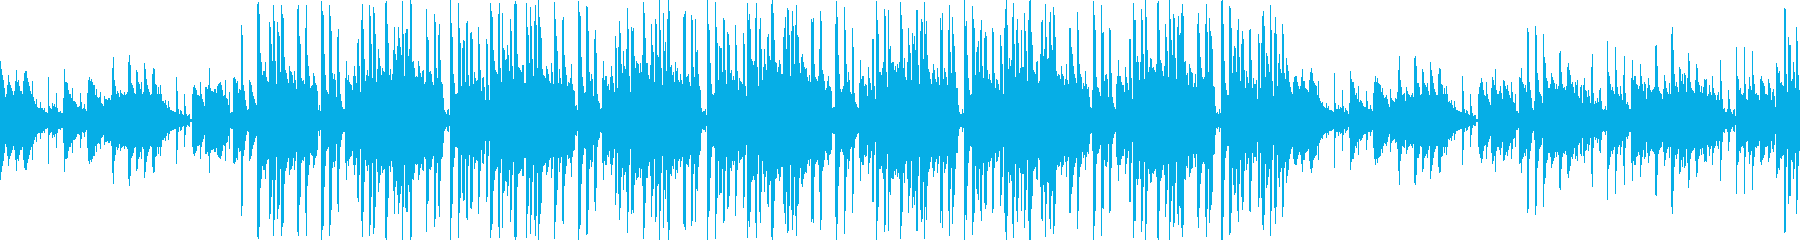 おしゃれなピアノのヒップホップ調ループの再生済みの波形